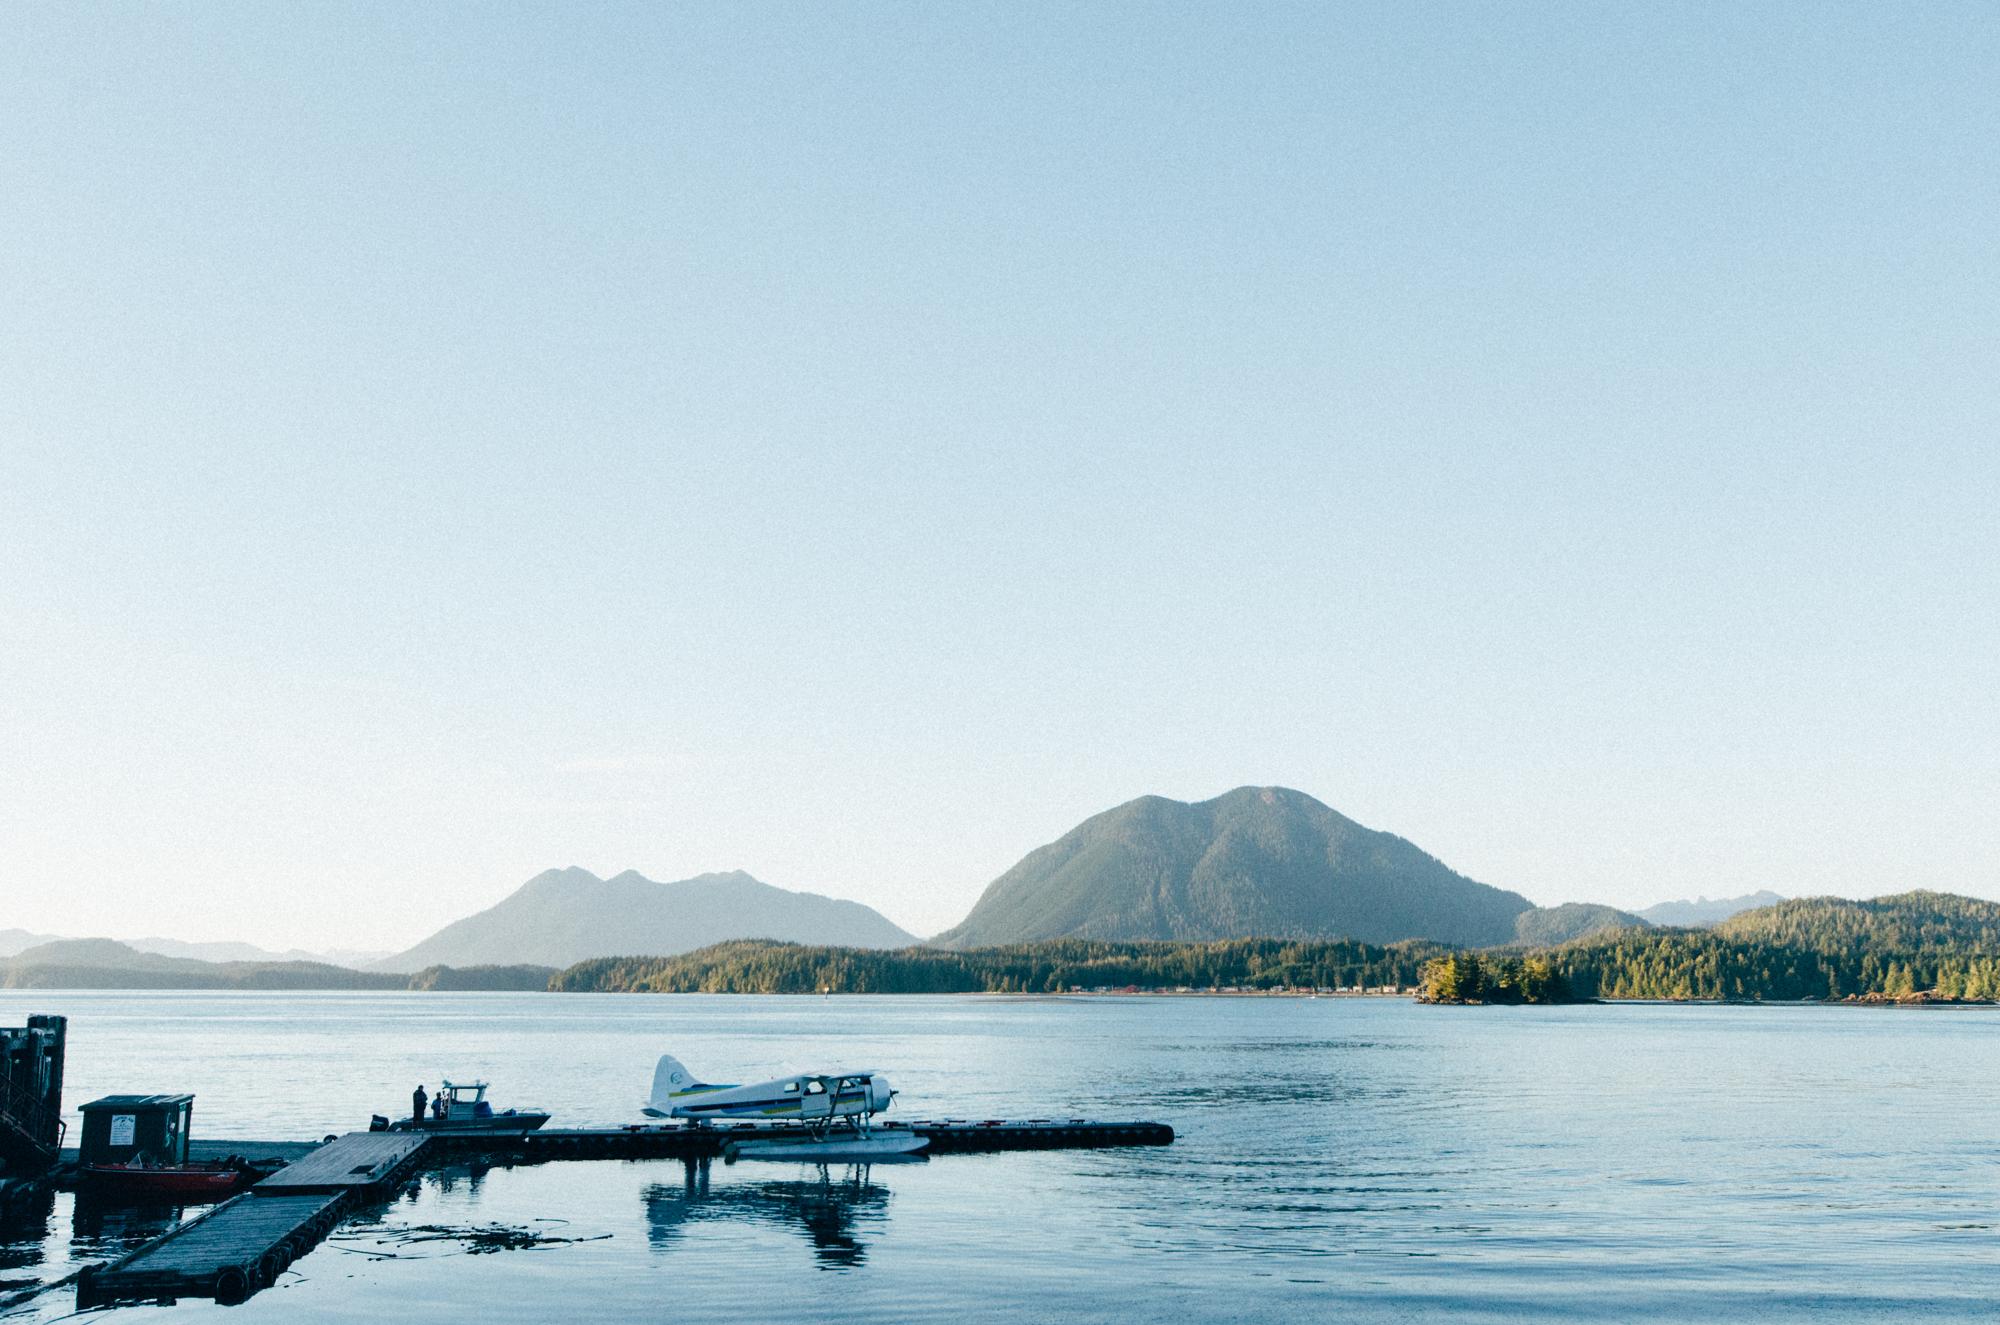 Vacation-adventure-Canada-Vancouver-121